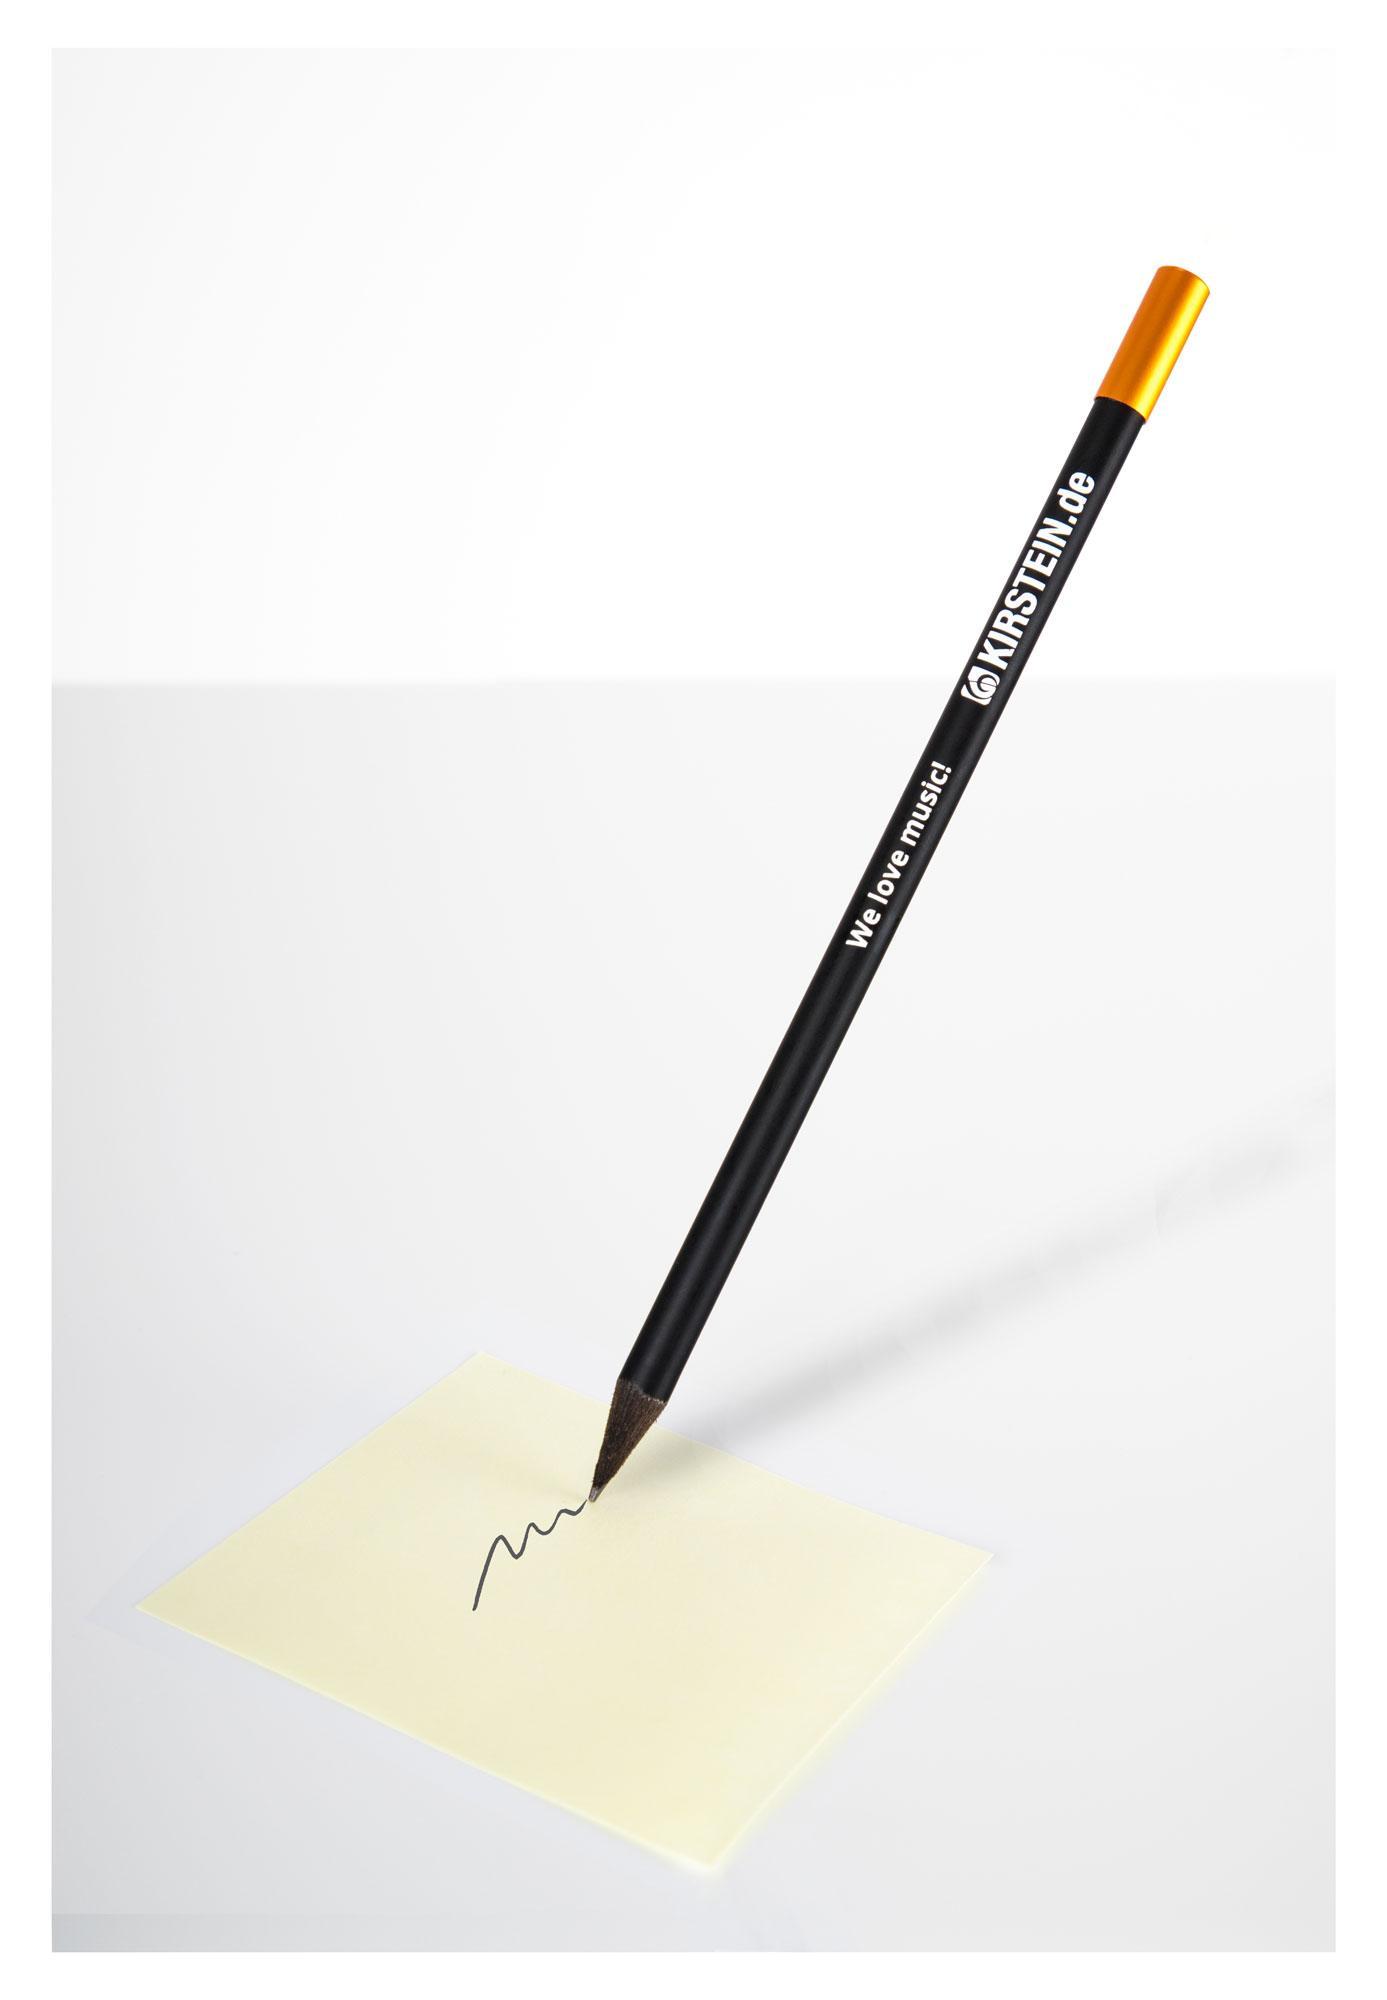 4x Set Kirstein Magnet Bleistift Neodym schwarz Unterricht Probe Stift Zubehör